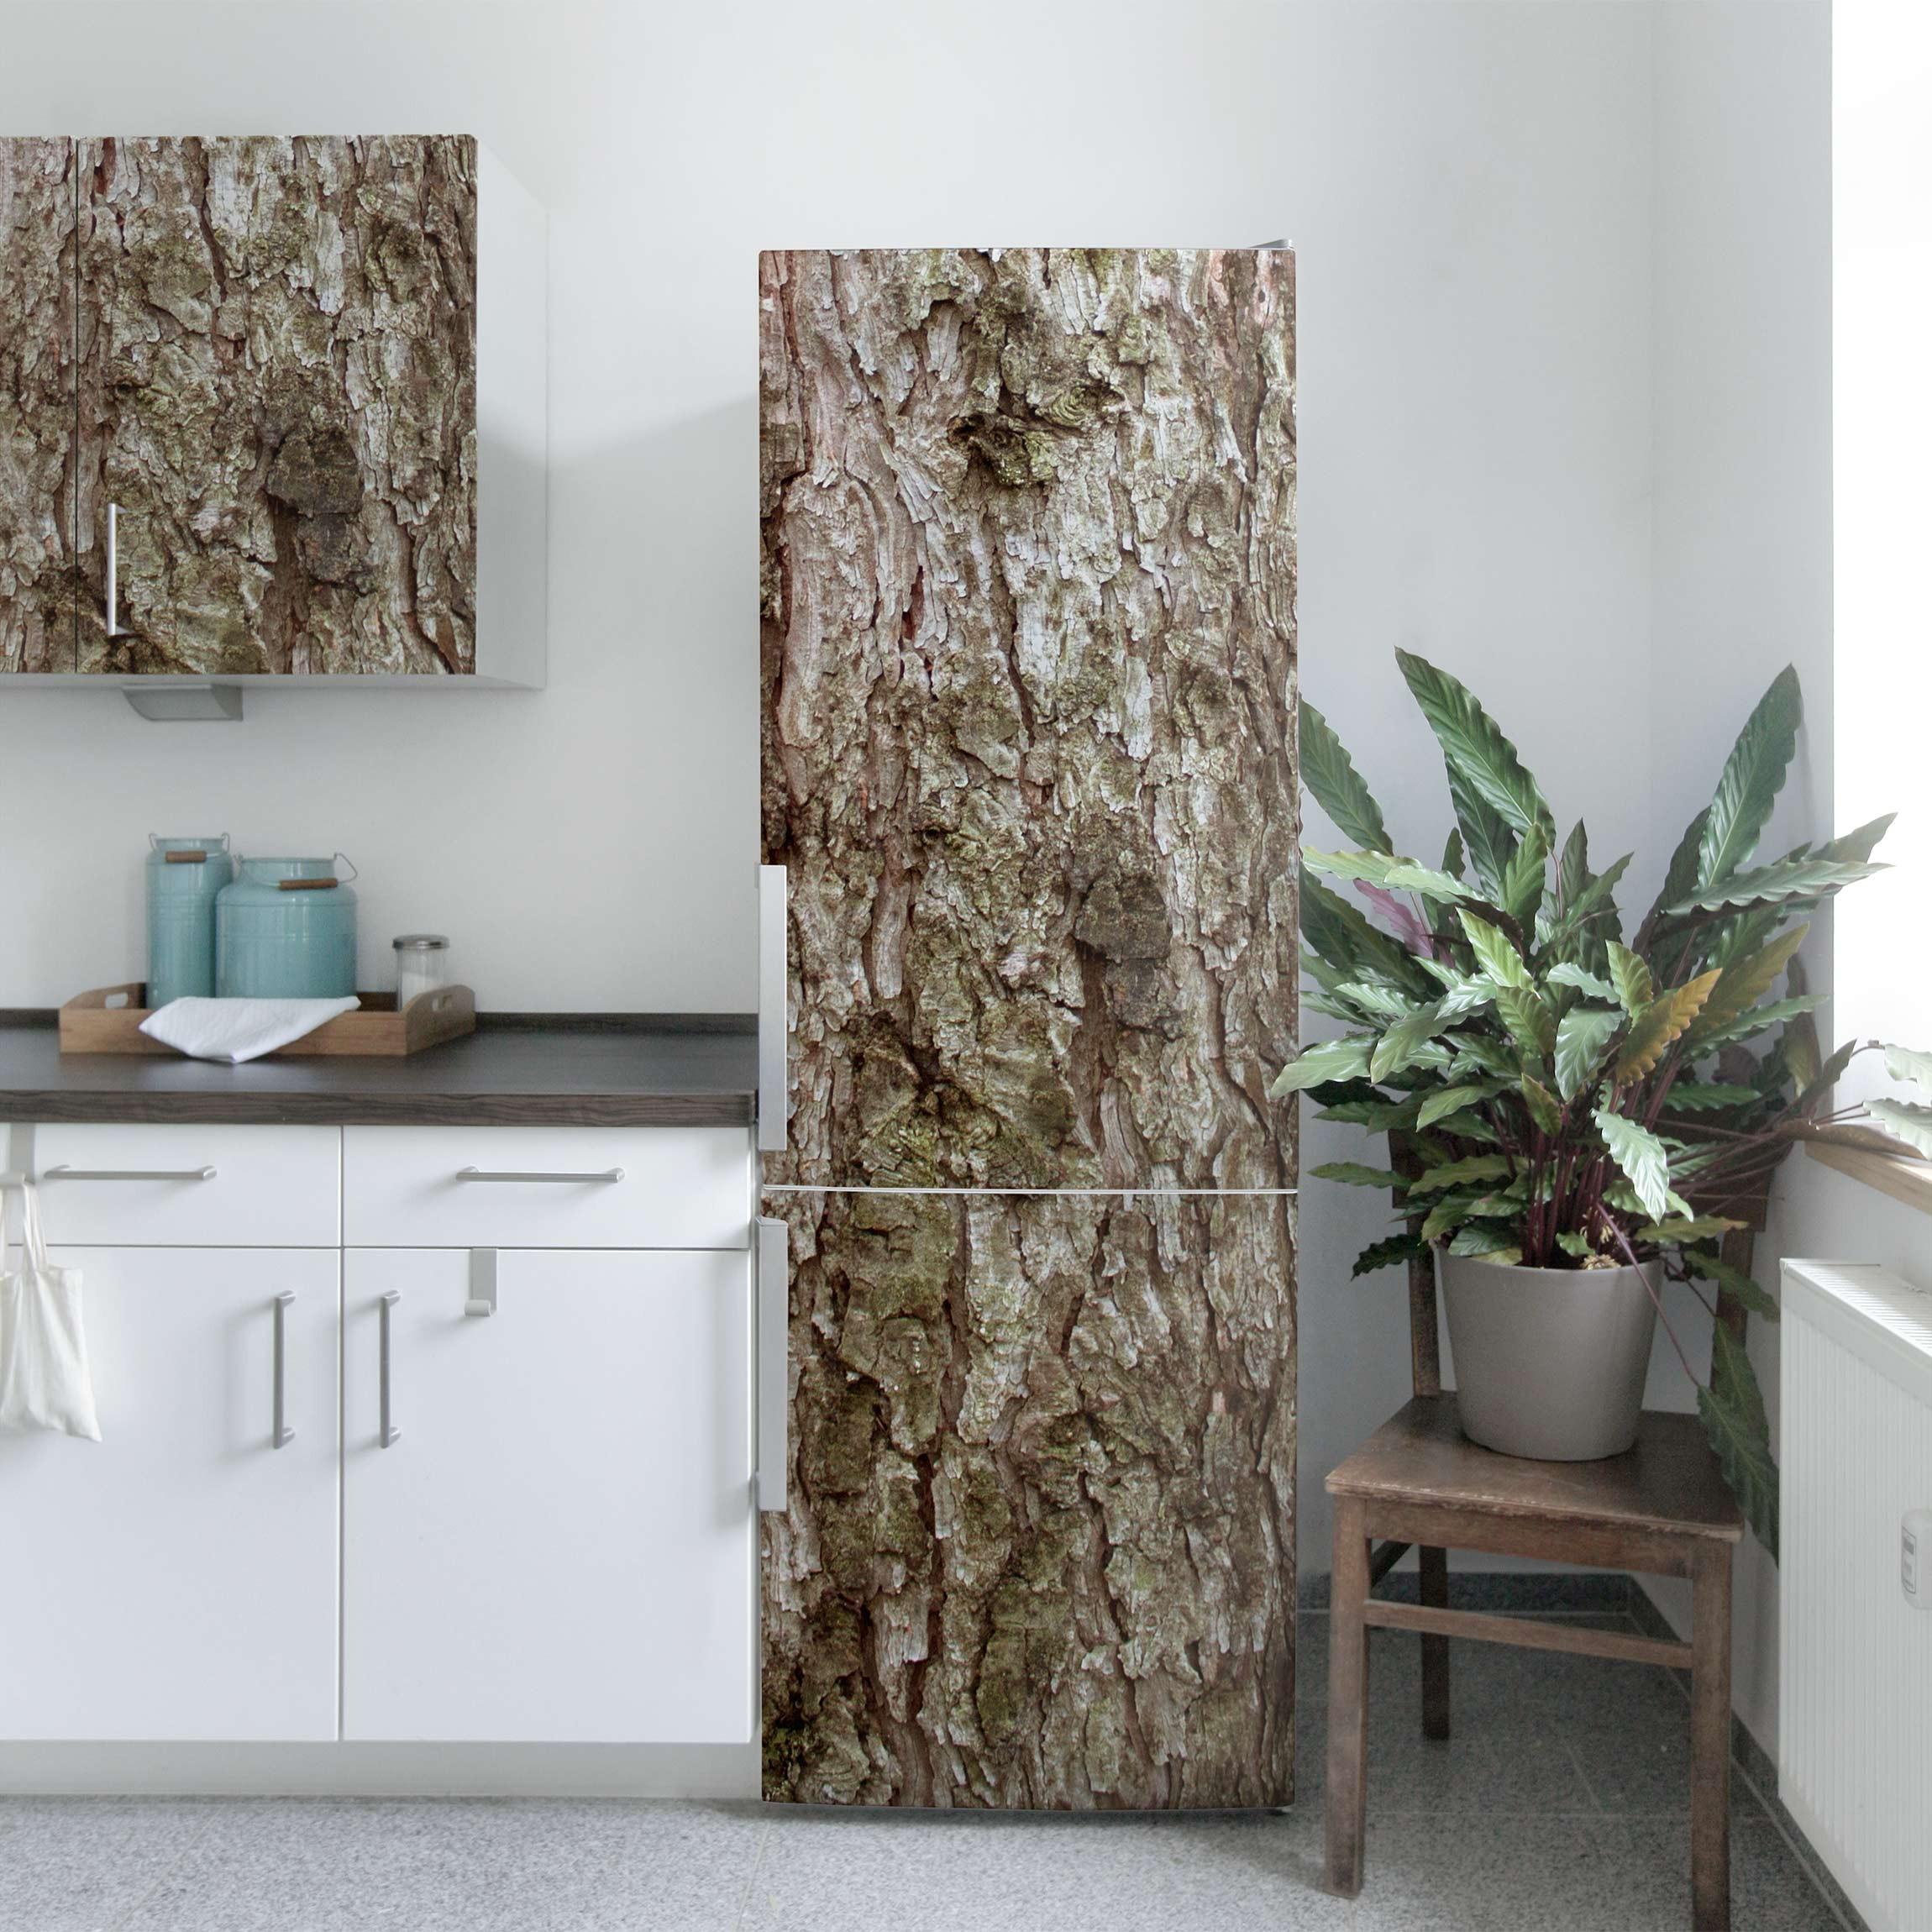 Carta adesiva per mobili bark - Carta adesiva colorata per mobili ...